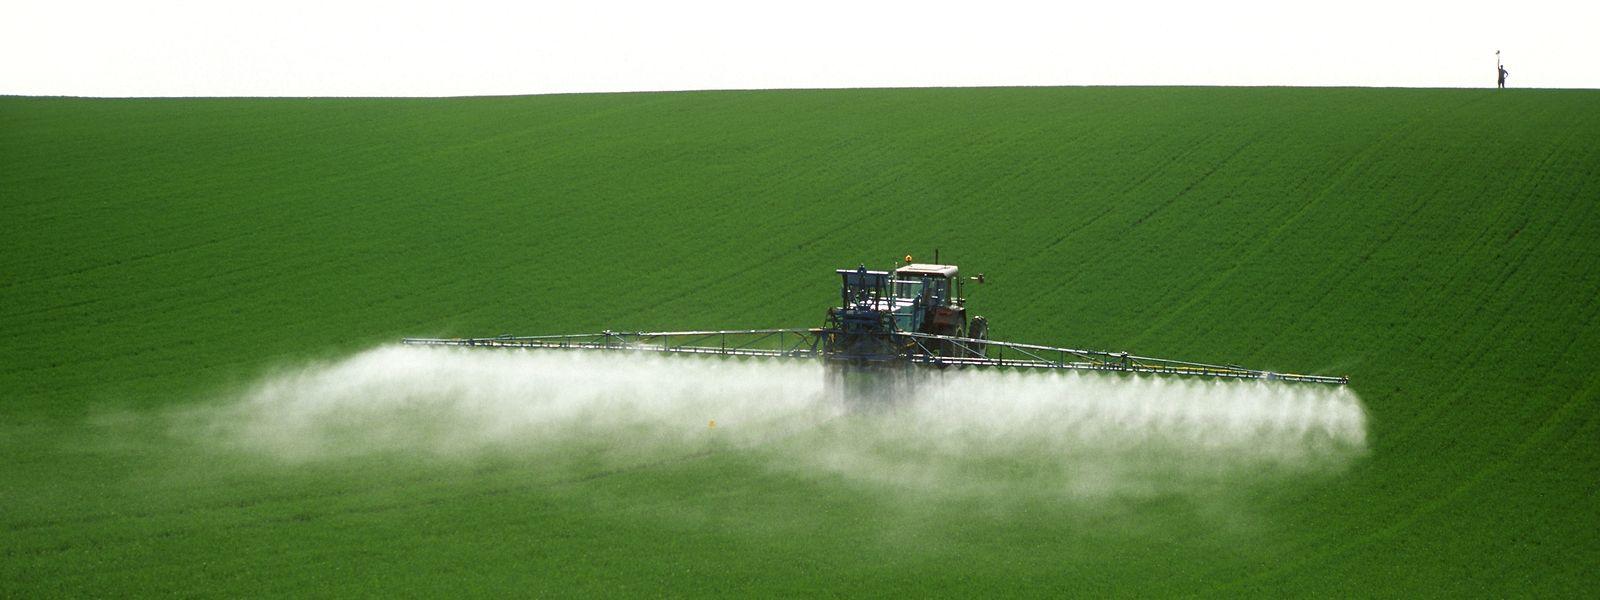 Das Verbot von synthetischen Pestiziden scheiterte in der Schweizer Volksabstimmung.